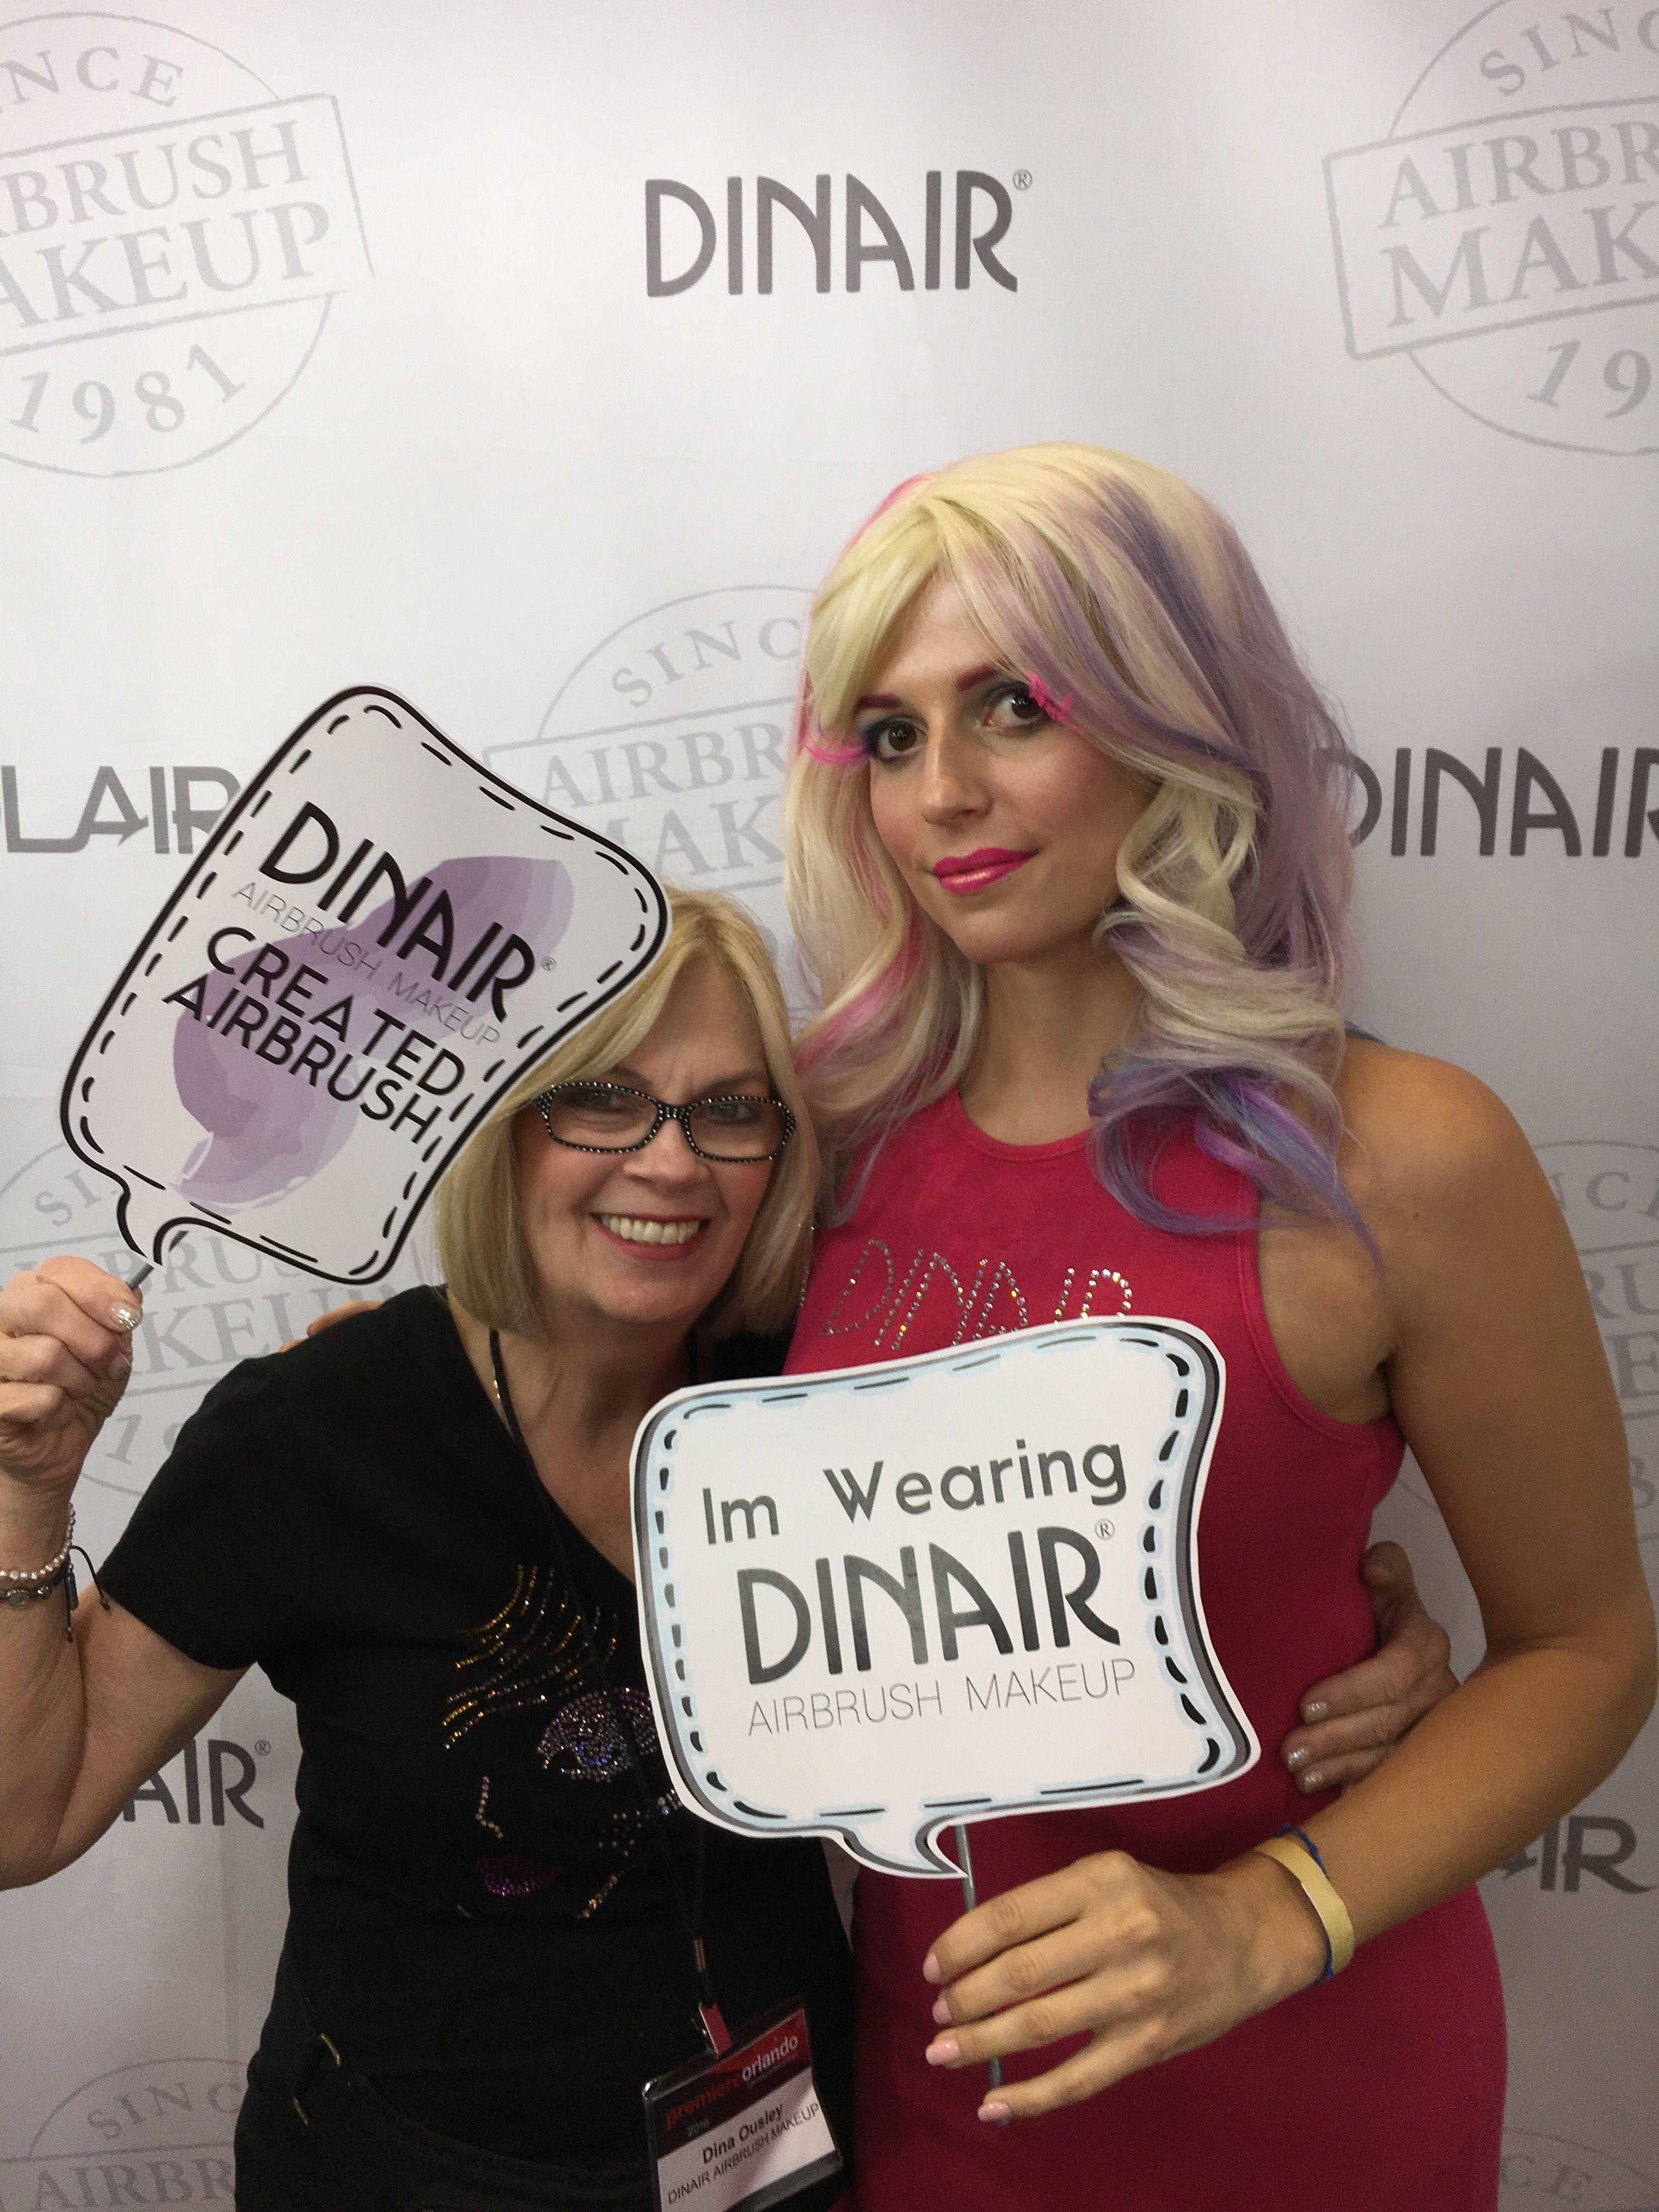 Dinair Personal Pro Kit! Airbrush makeup kit, Makeup